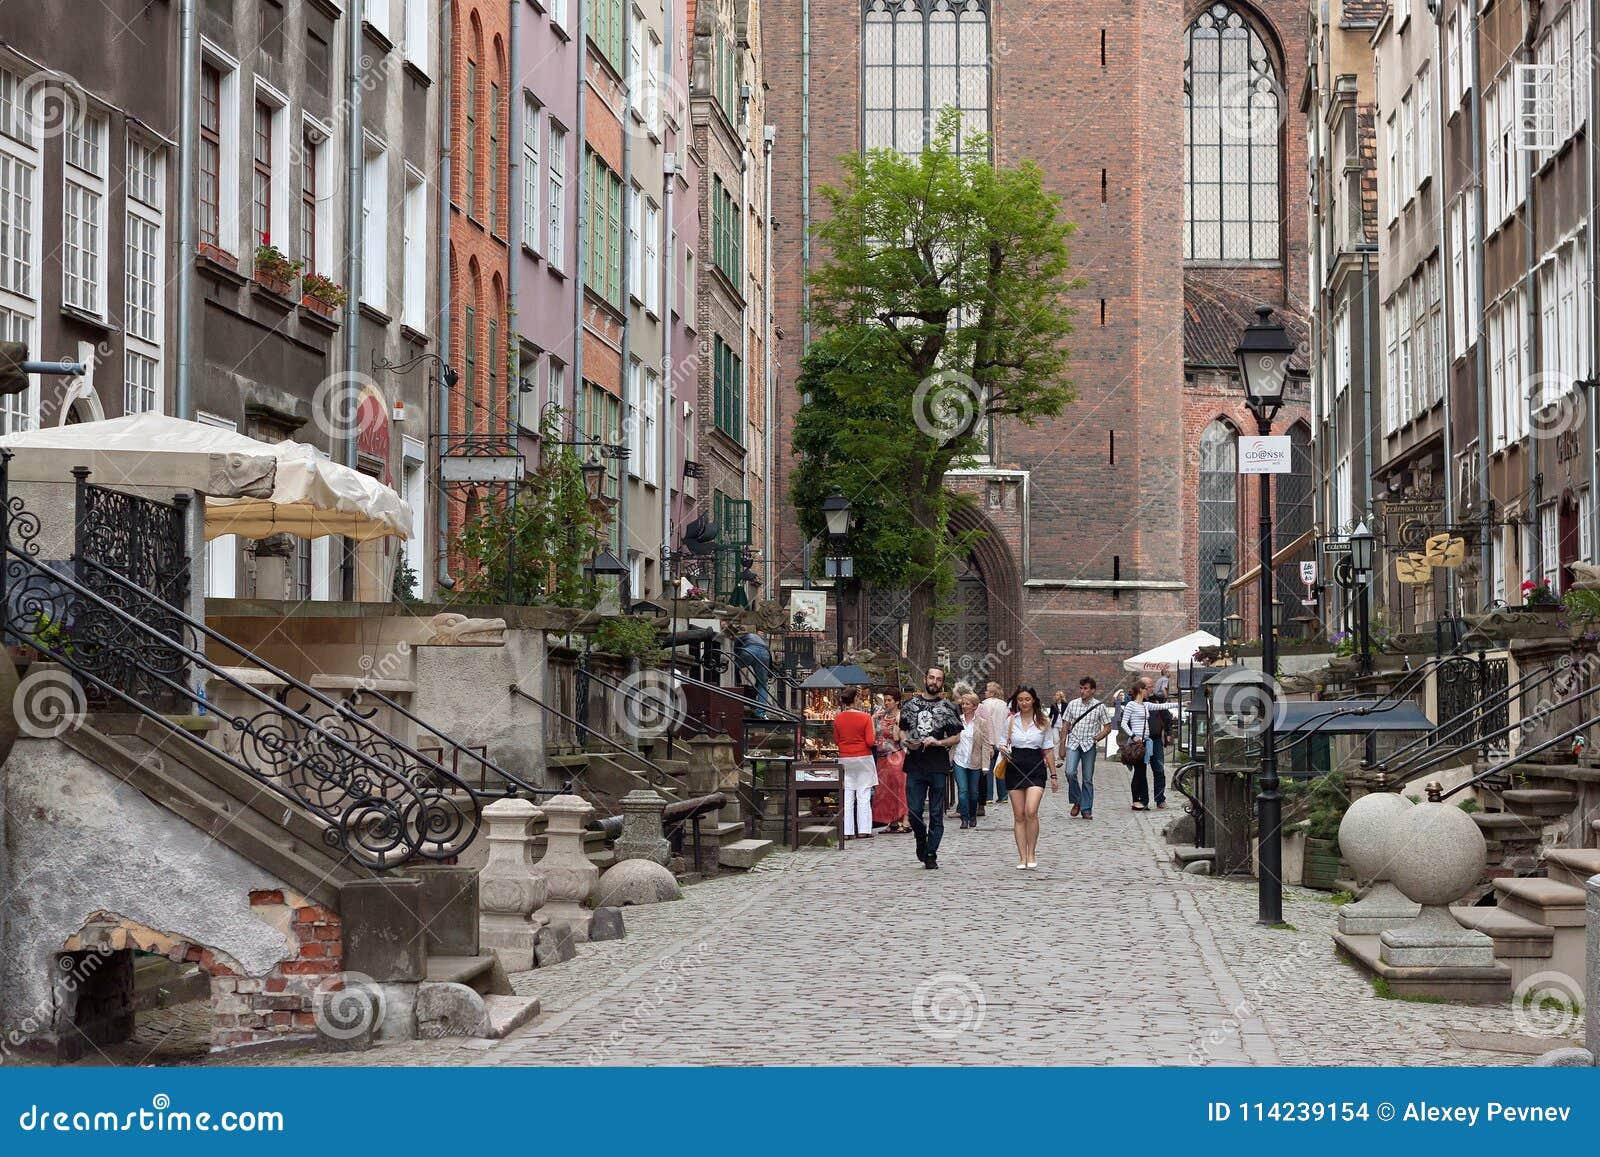 GDANSK, POLEN - 7. JUNI 2014: Unbekannte Leute, die auf die Mariacka-Straße im historischen Teil von Gdansk gehen